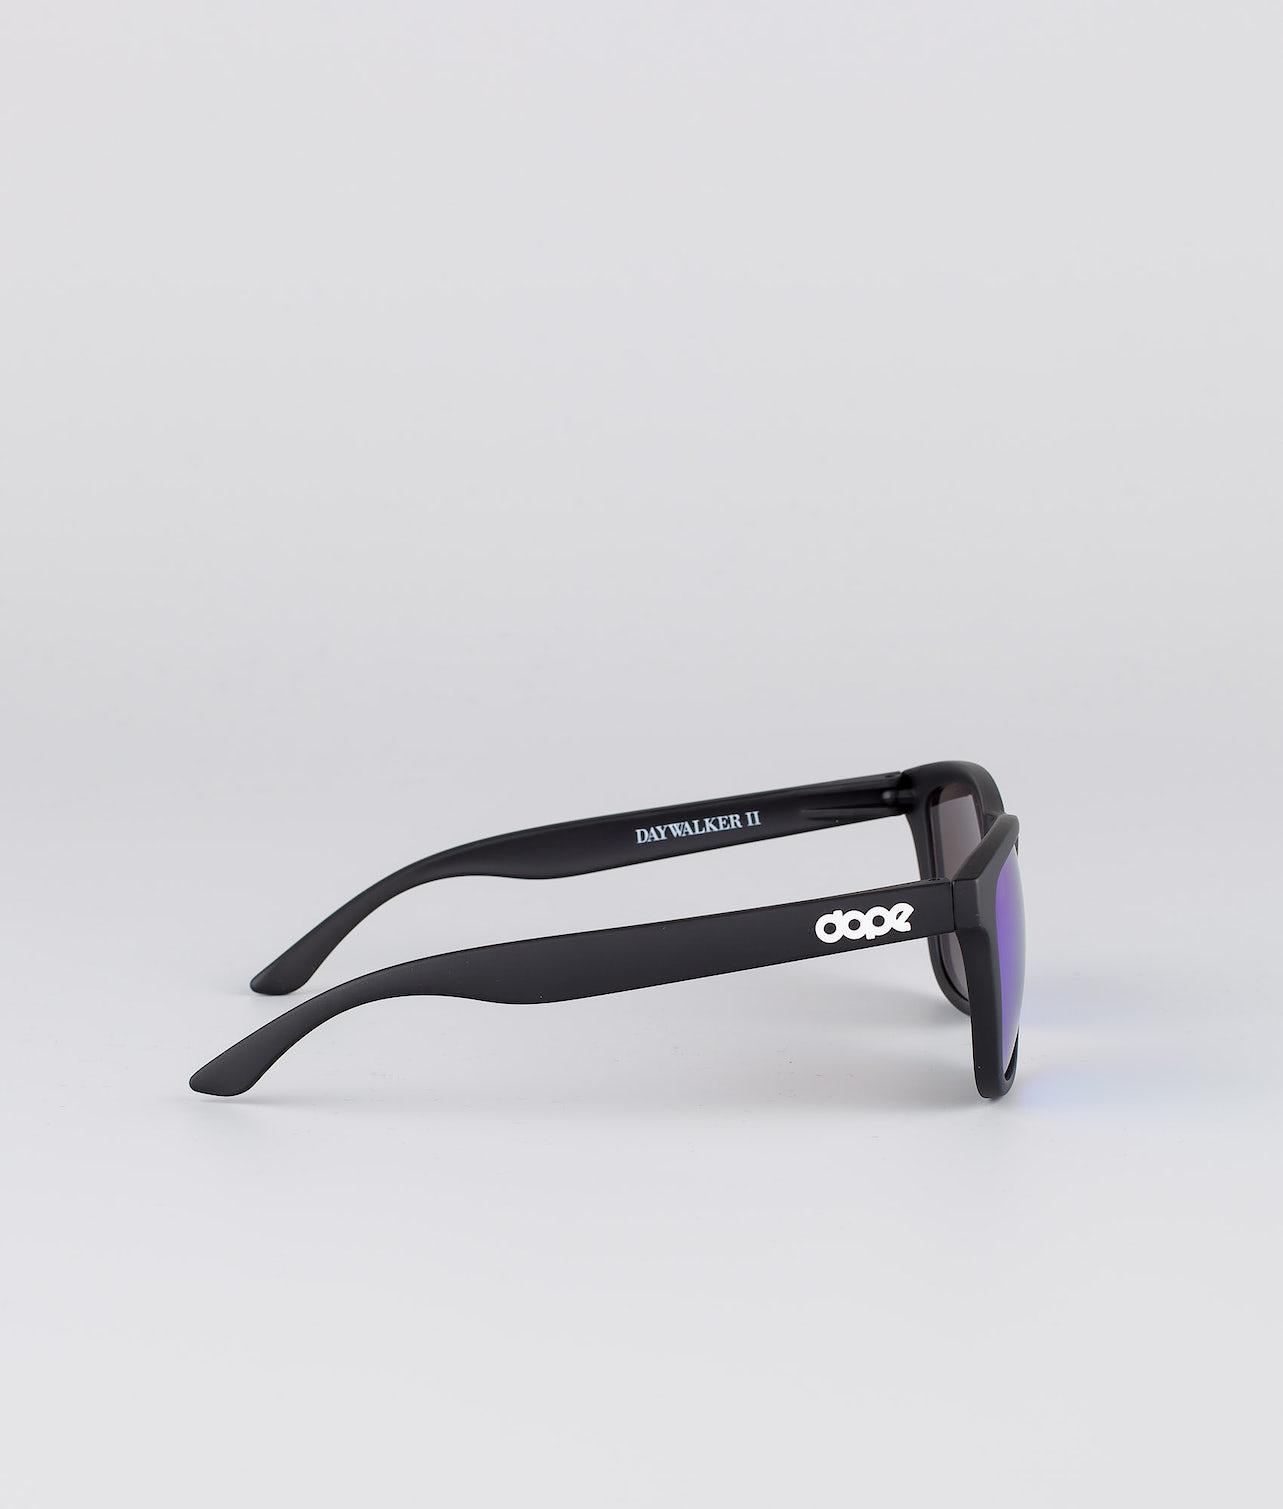 Dope Daywalker II Solbriller Matte Black w/Purple Mirror